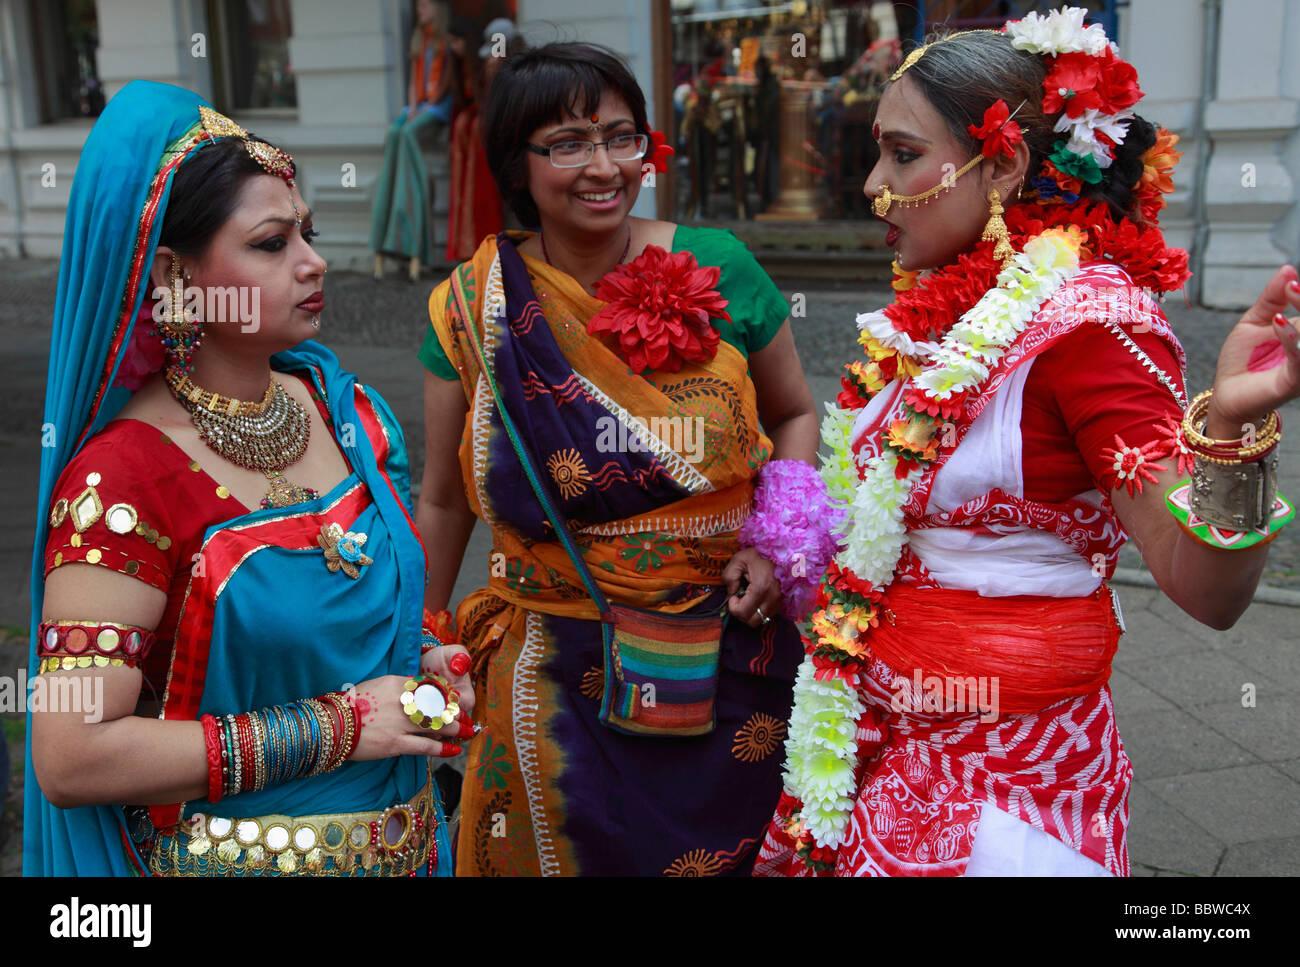 Alemania Berlín Carnaval de las culturas las mujeres indias en la vestimenta tradicional Imagen De Stock